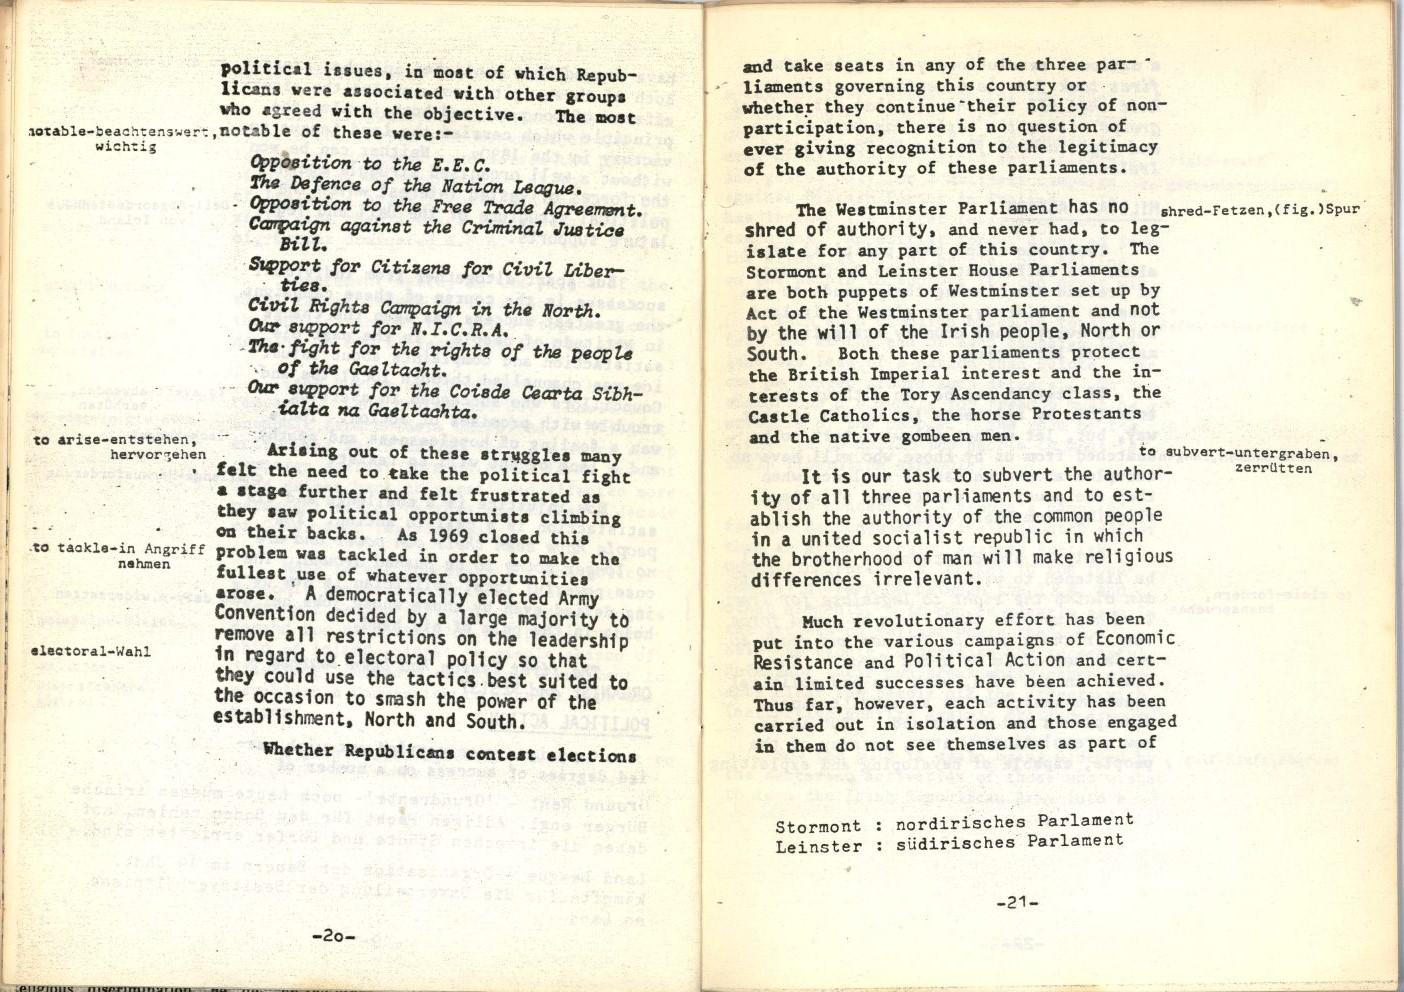 Berlin_Druckcooperative_1972_IRA_speaks_13